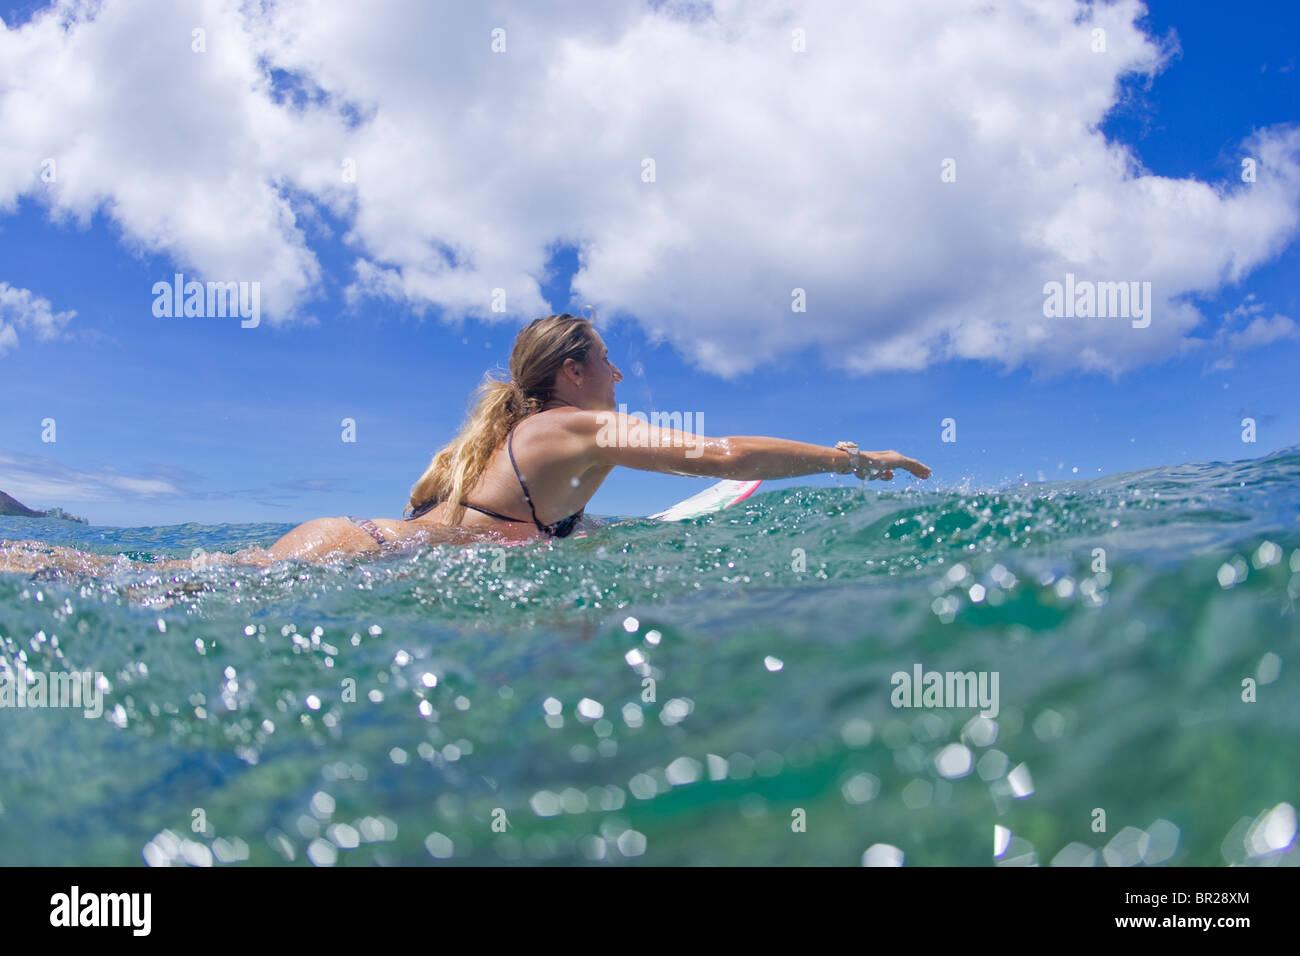 Mädchen-paddeln-Surfbrett Stockbild